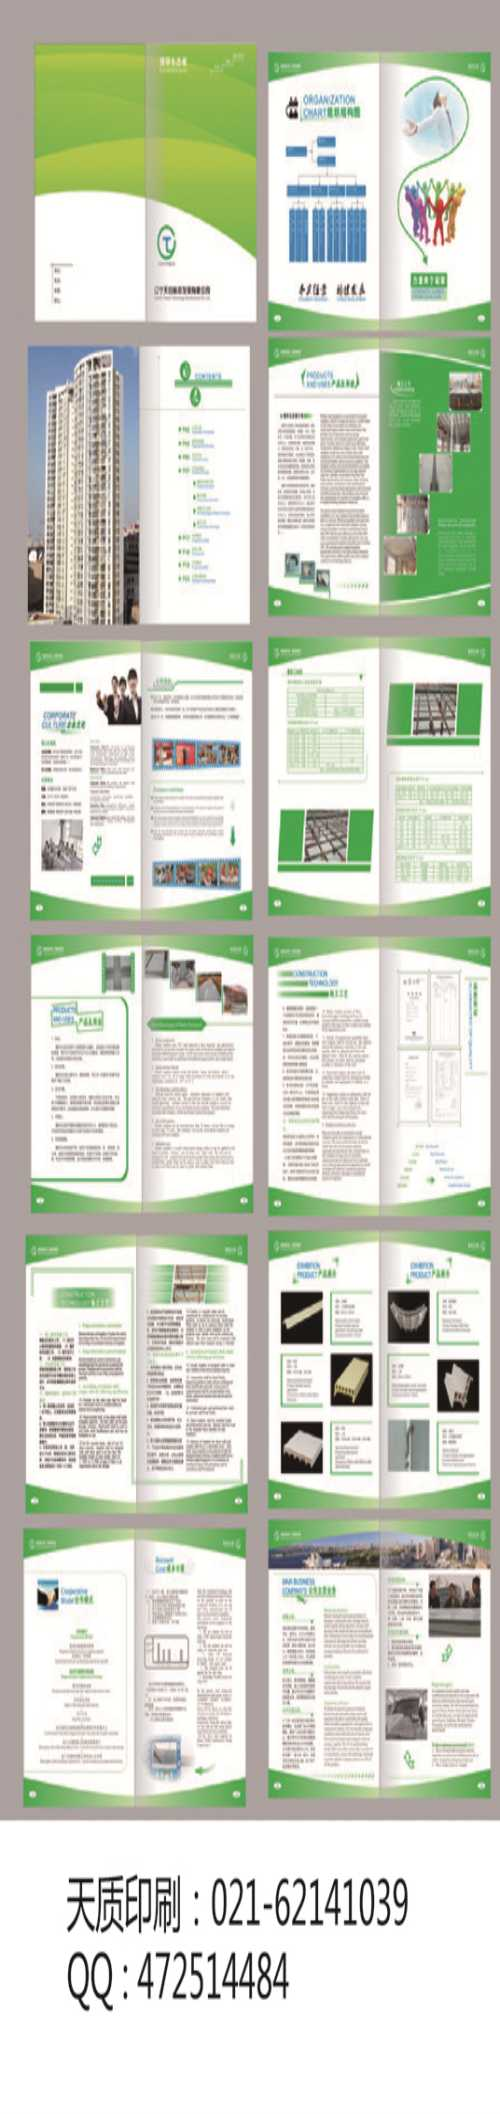 上海画册印刷价格/高档画册印刷/上海高档画册印刷价格